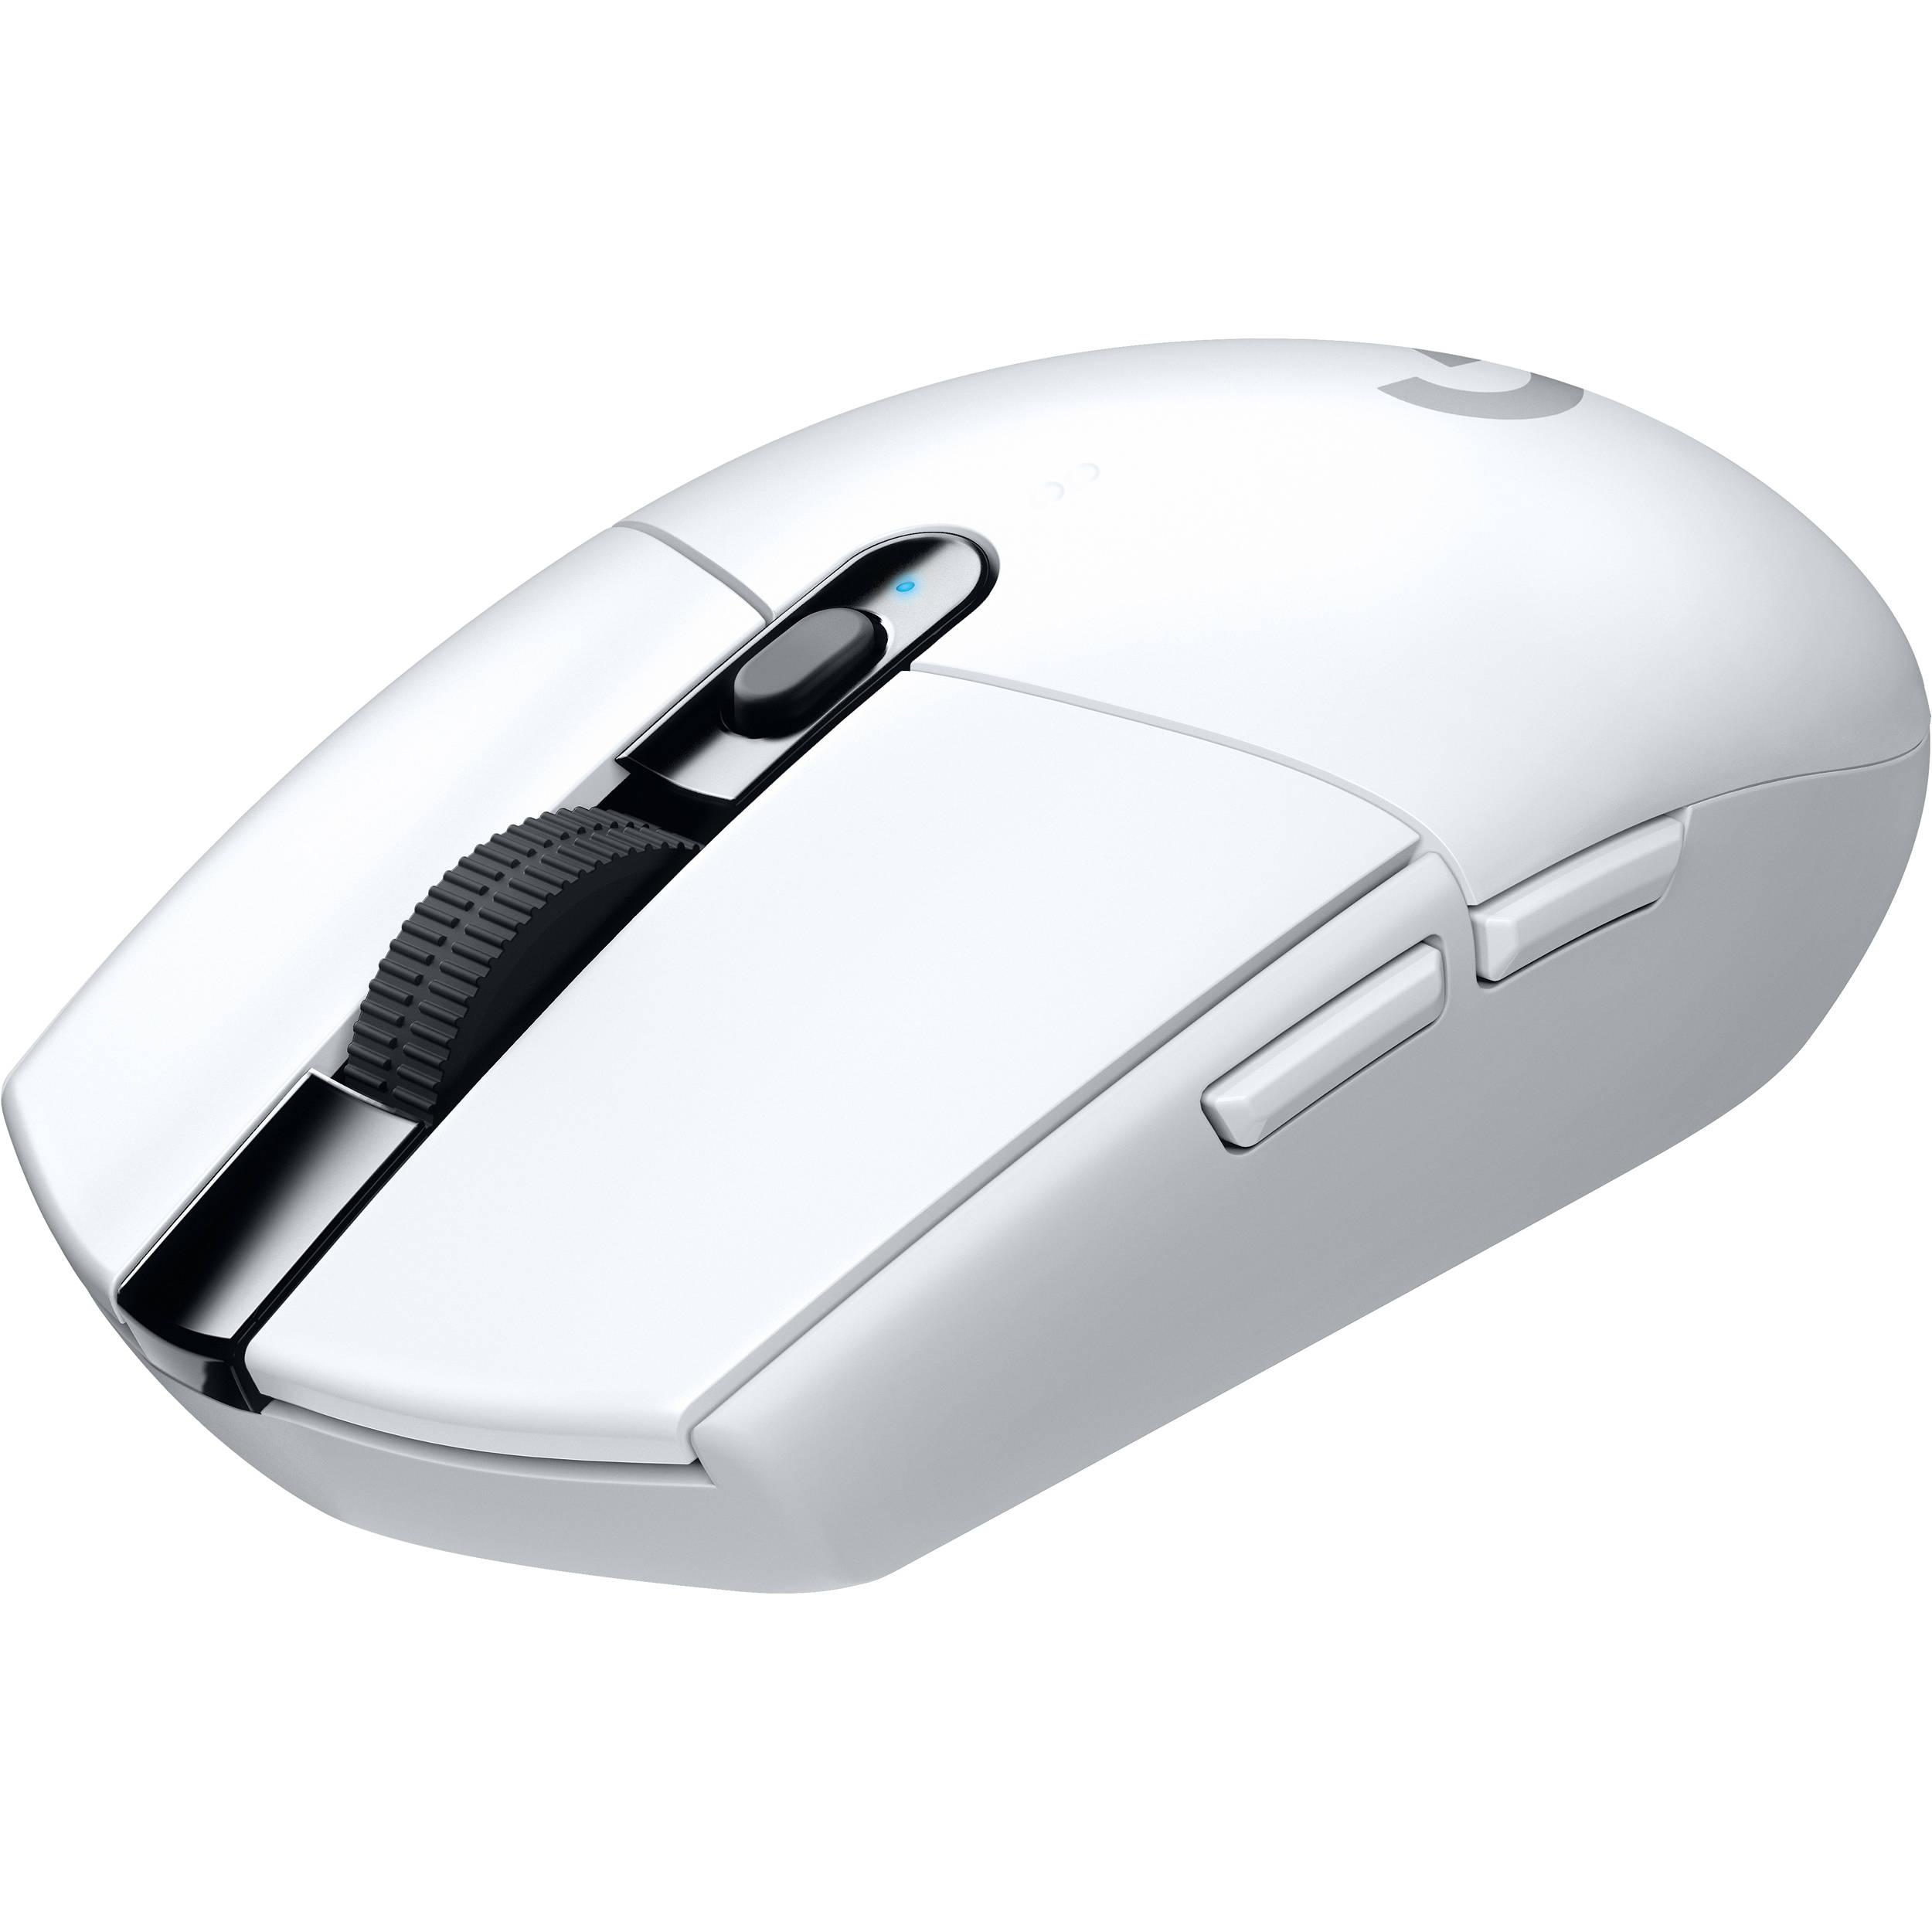 0d1c4e9141e Logitech G305 LIGHTSPEED Wireless Mouse (White) 910-005289 B&H